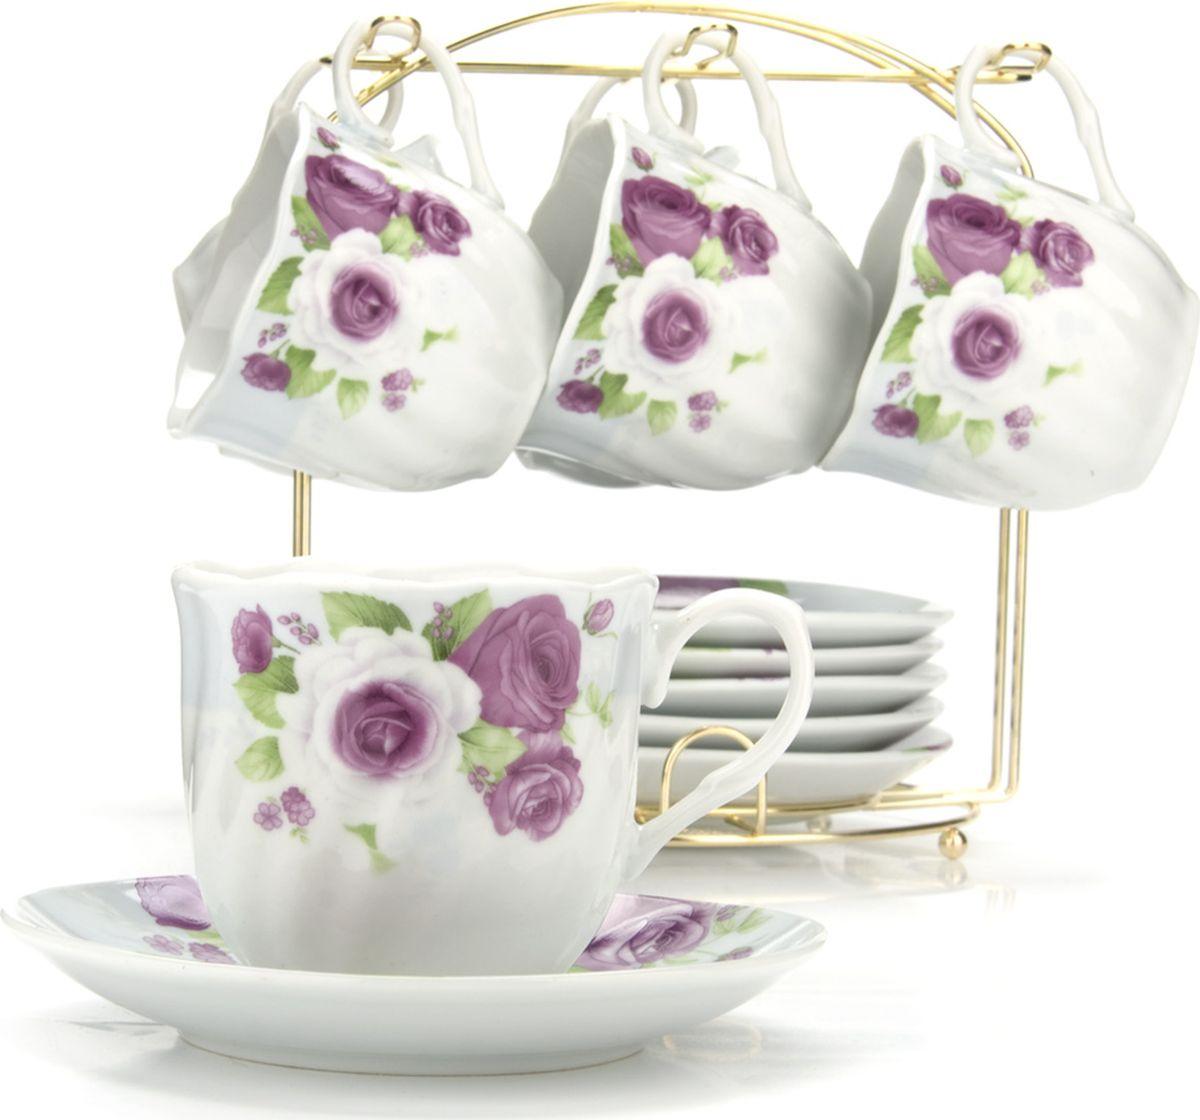 Сервиз чайный Loraine, на подставке, 13 предметов. 43284 сервиз чайный loraine на подставке 13 предметов 43294